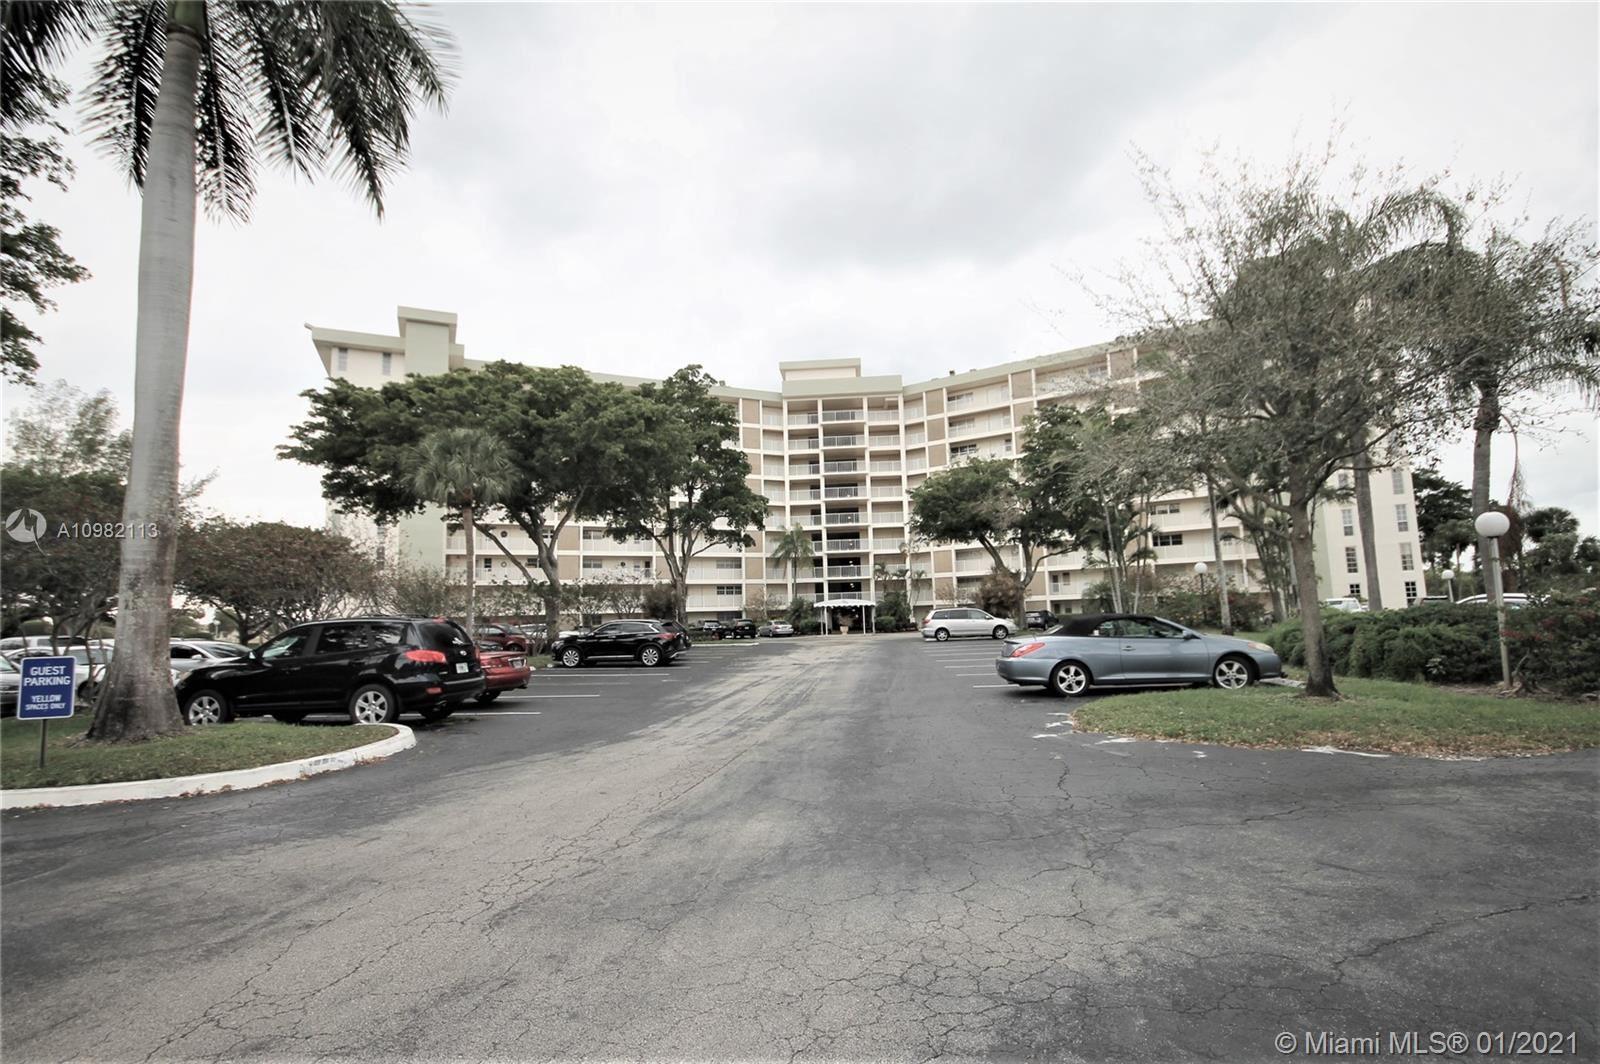 3090 N Course Dr #510, Pompano Beach, FL 33069 - #: A10982113